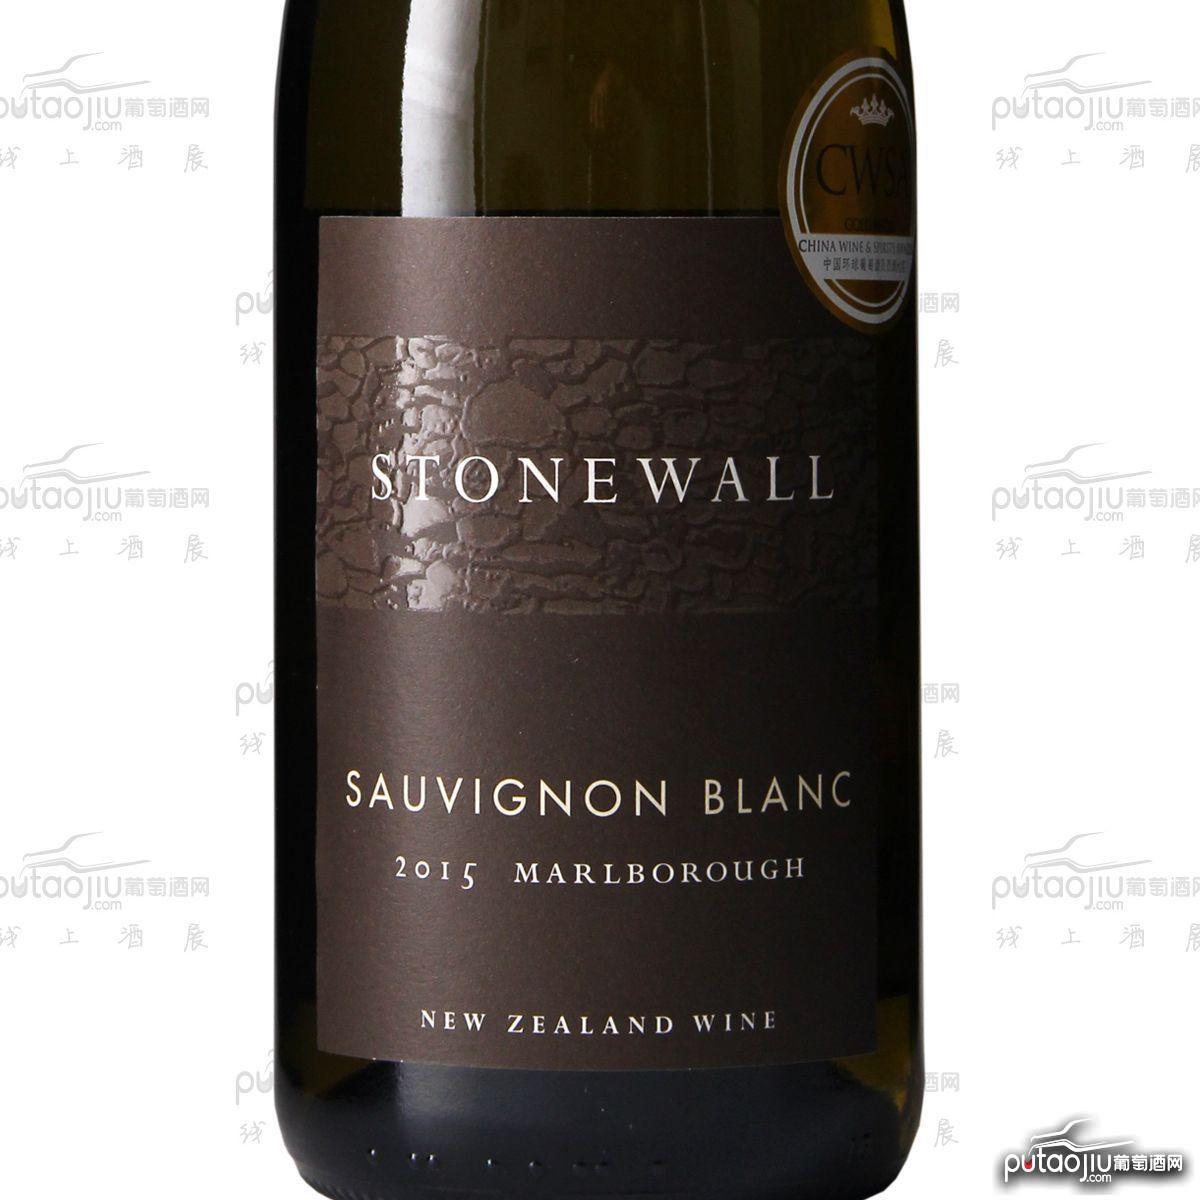 新西兰马尔堡富利来庄园长相思石墙干白葡萄酒